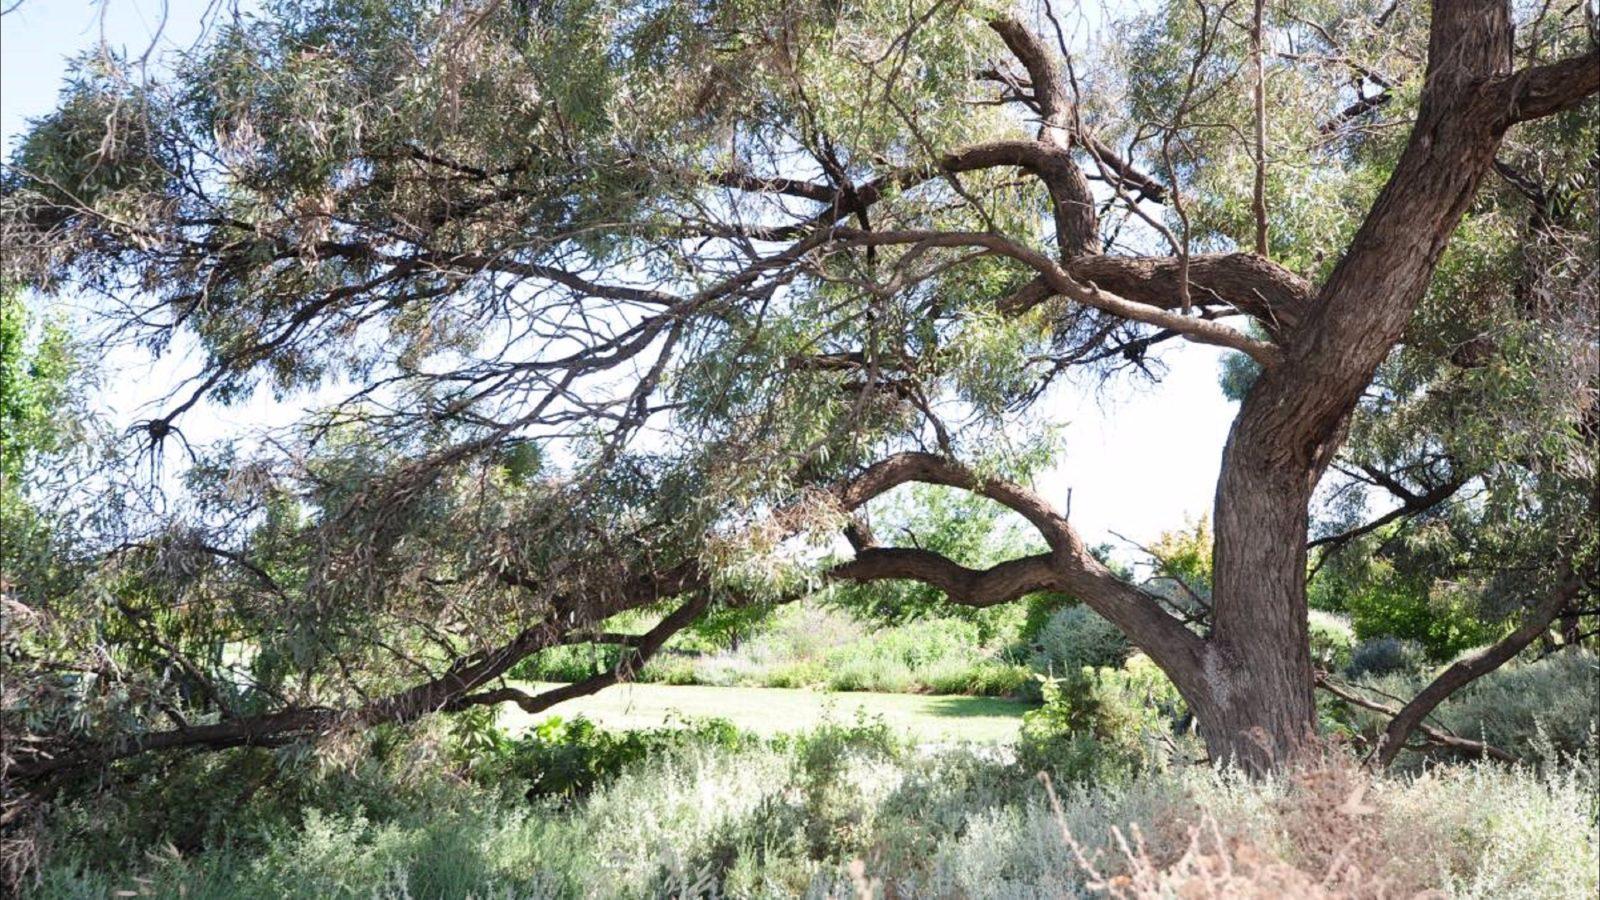 Gathercole Nature Reserve, Wongan Hills, Western Australia